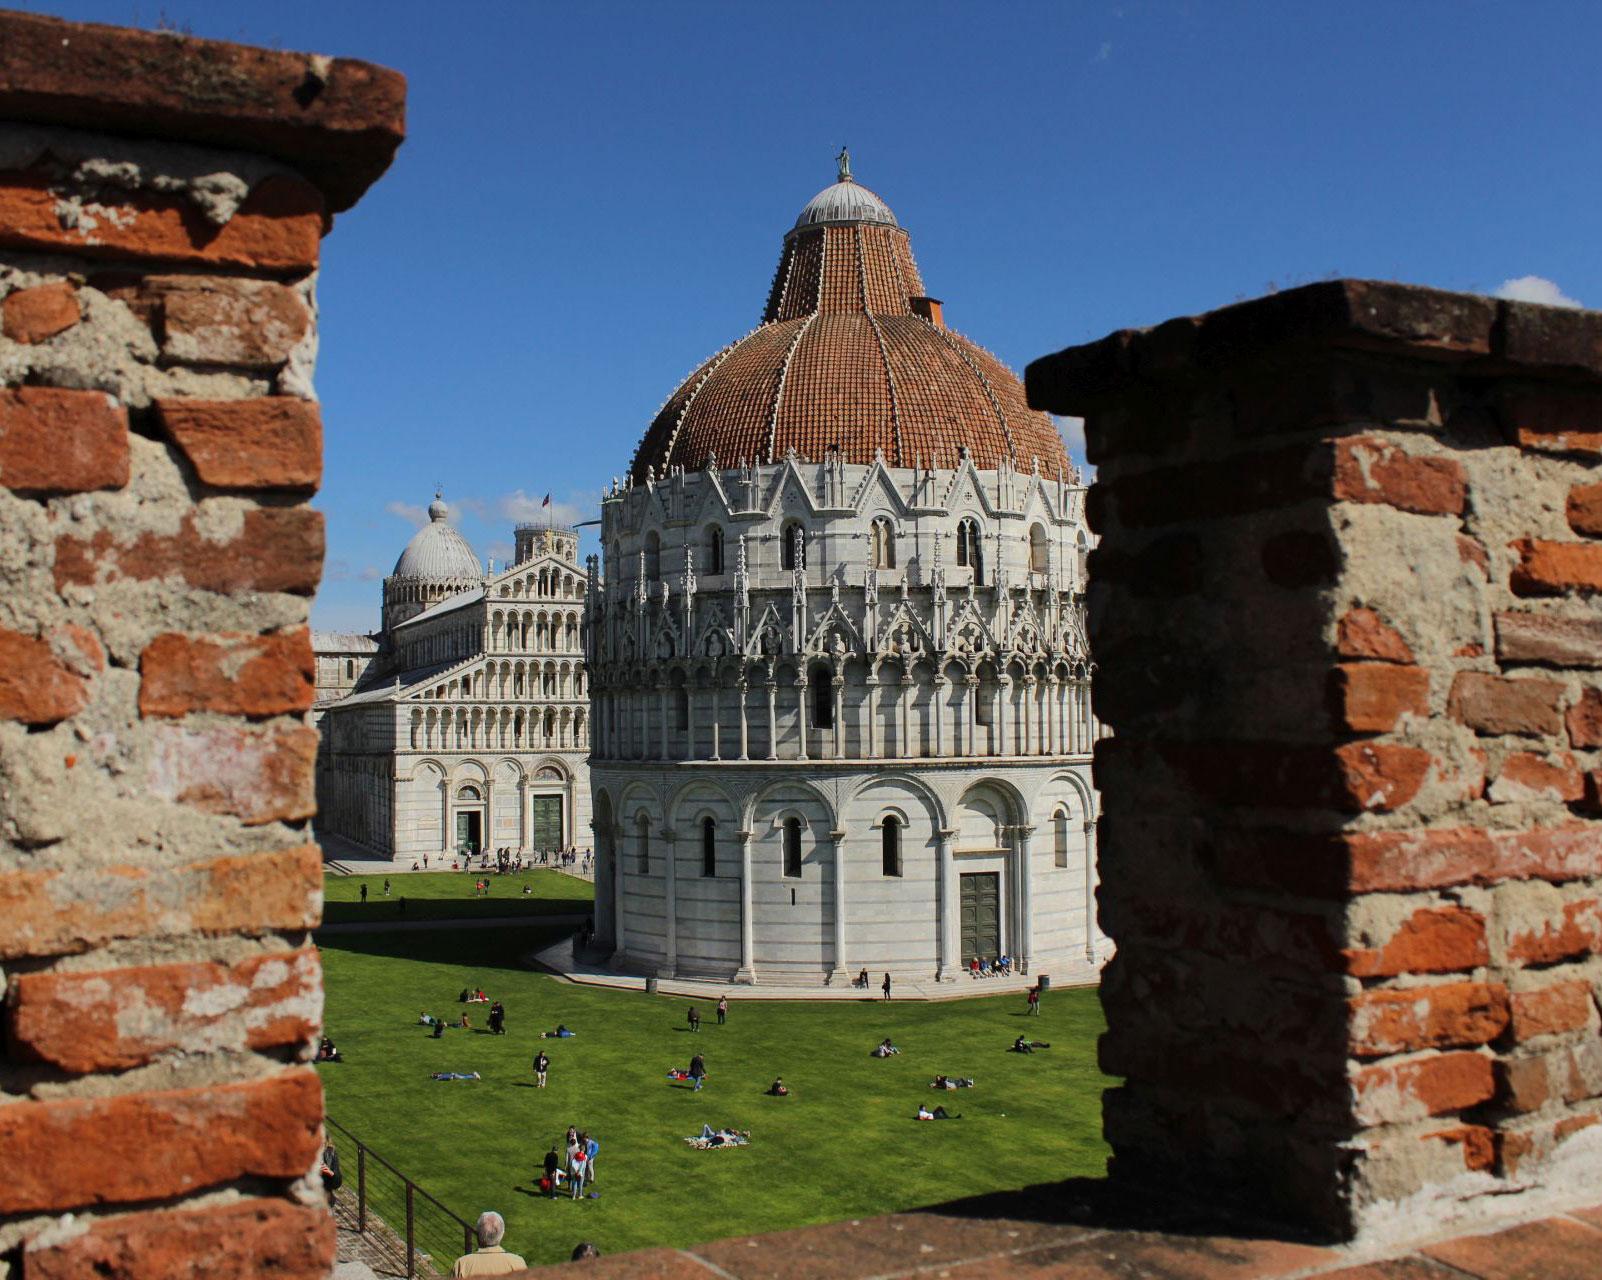 Pisa - Pisa dall'alto: un nuovo punto di vista - Toscana Ovunque Bella